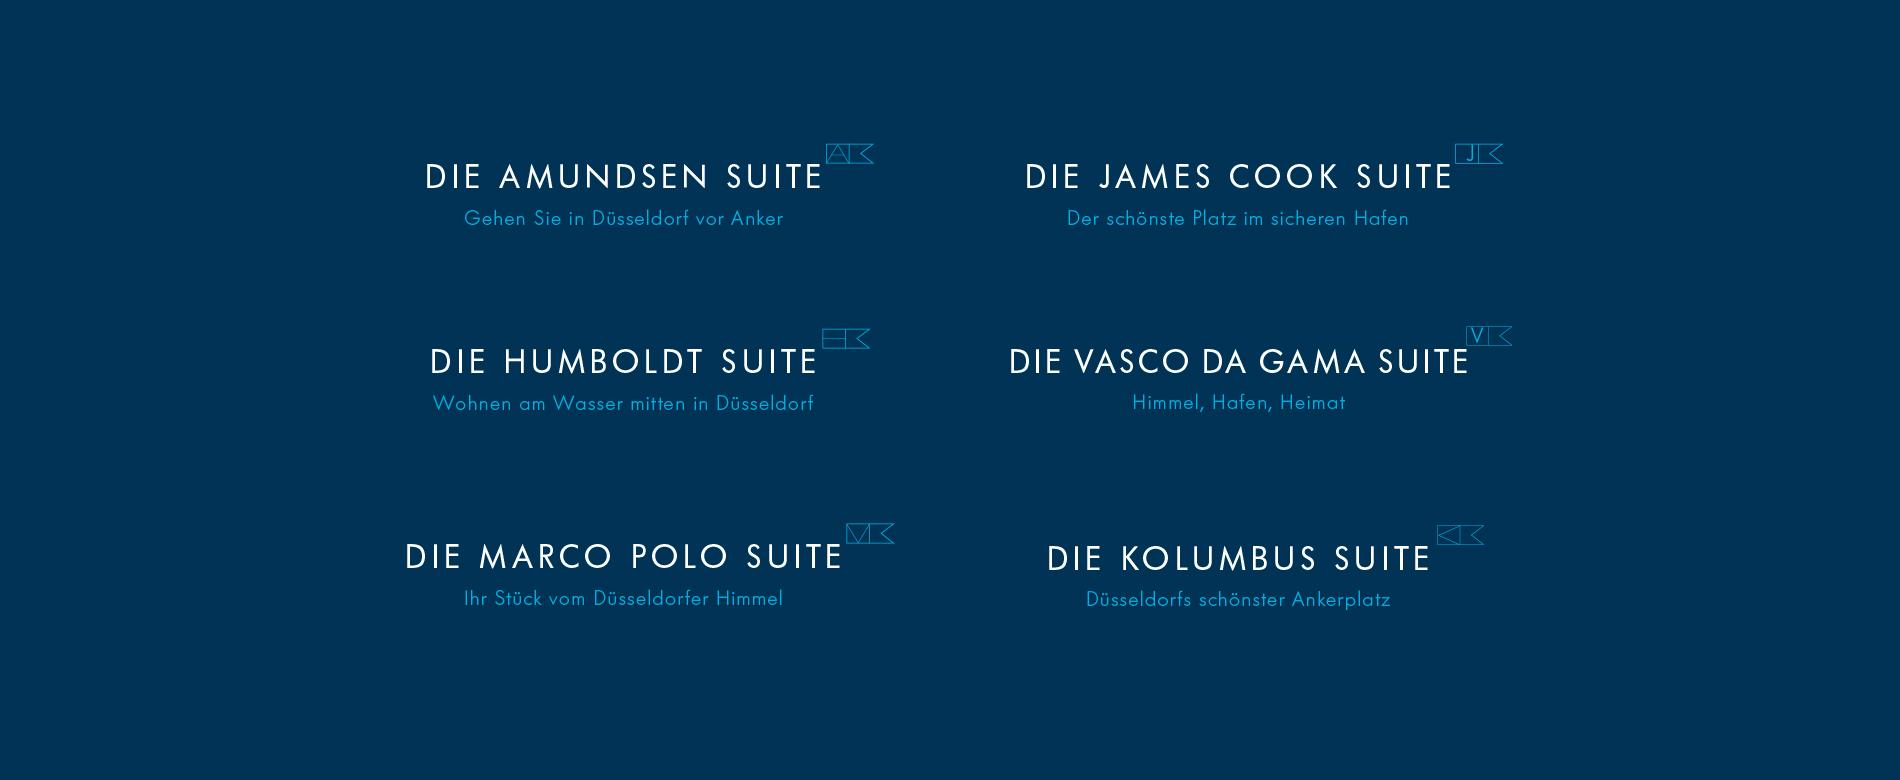 Markenarchitektur für das Vermarktungskonzept der Wohnimmobilie Carlstadtufer in Düsseldorf